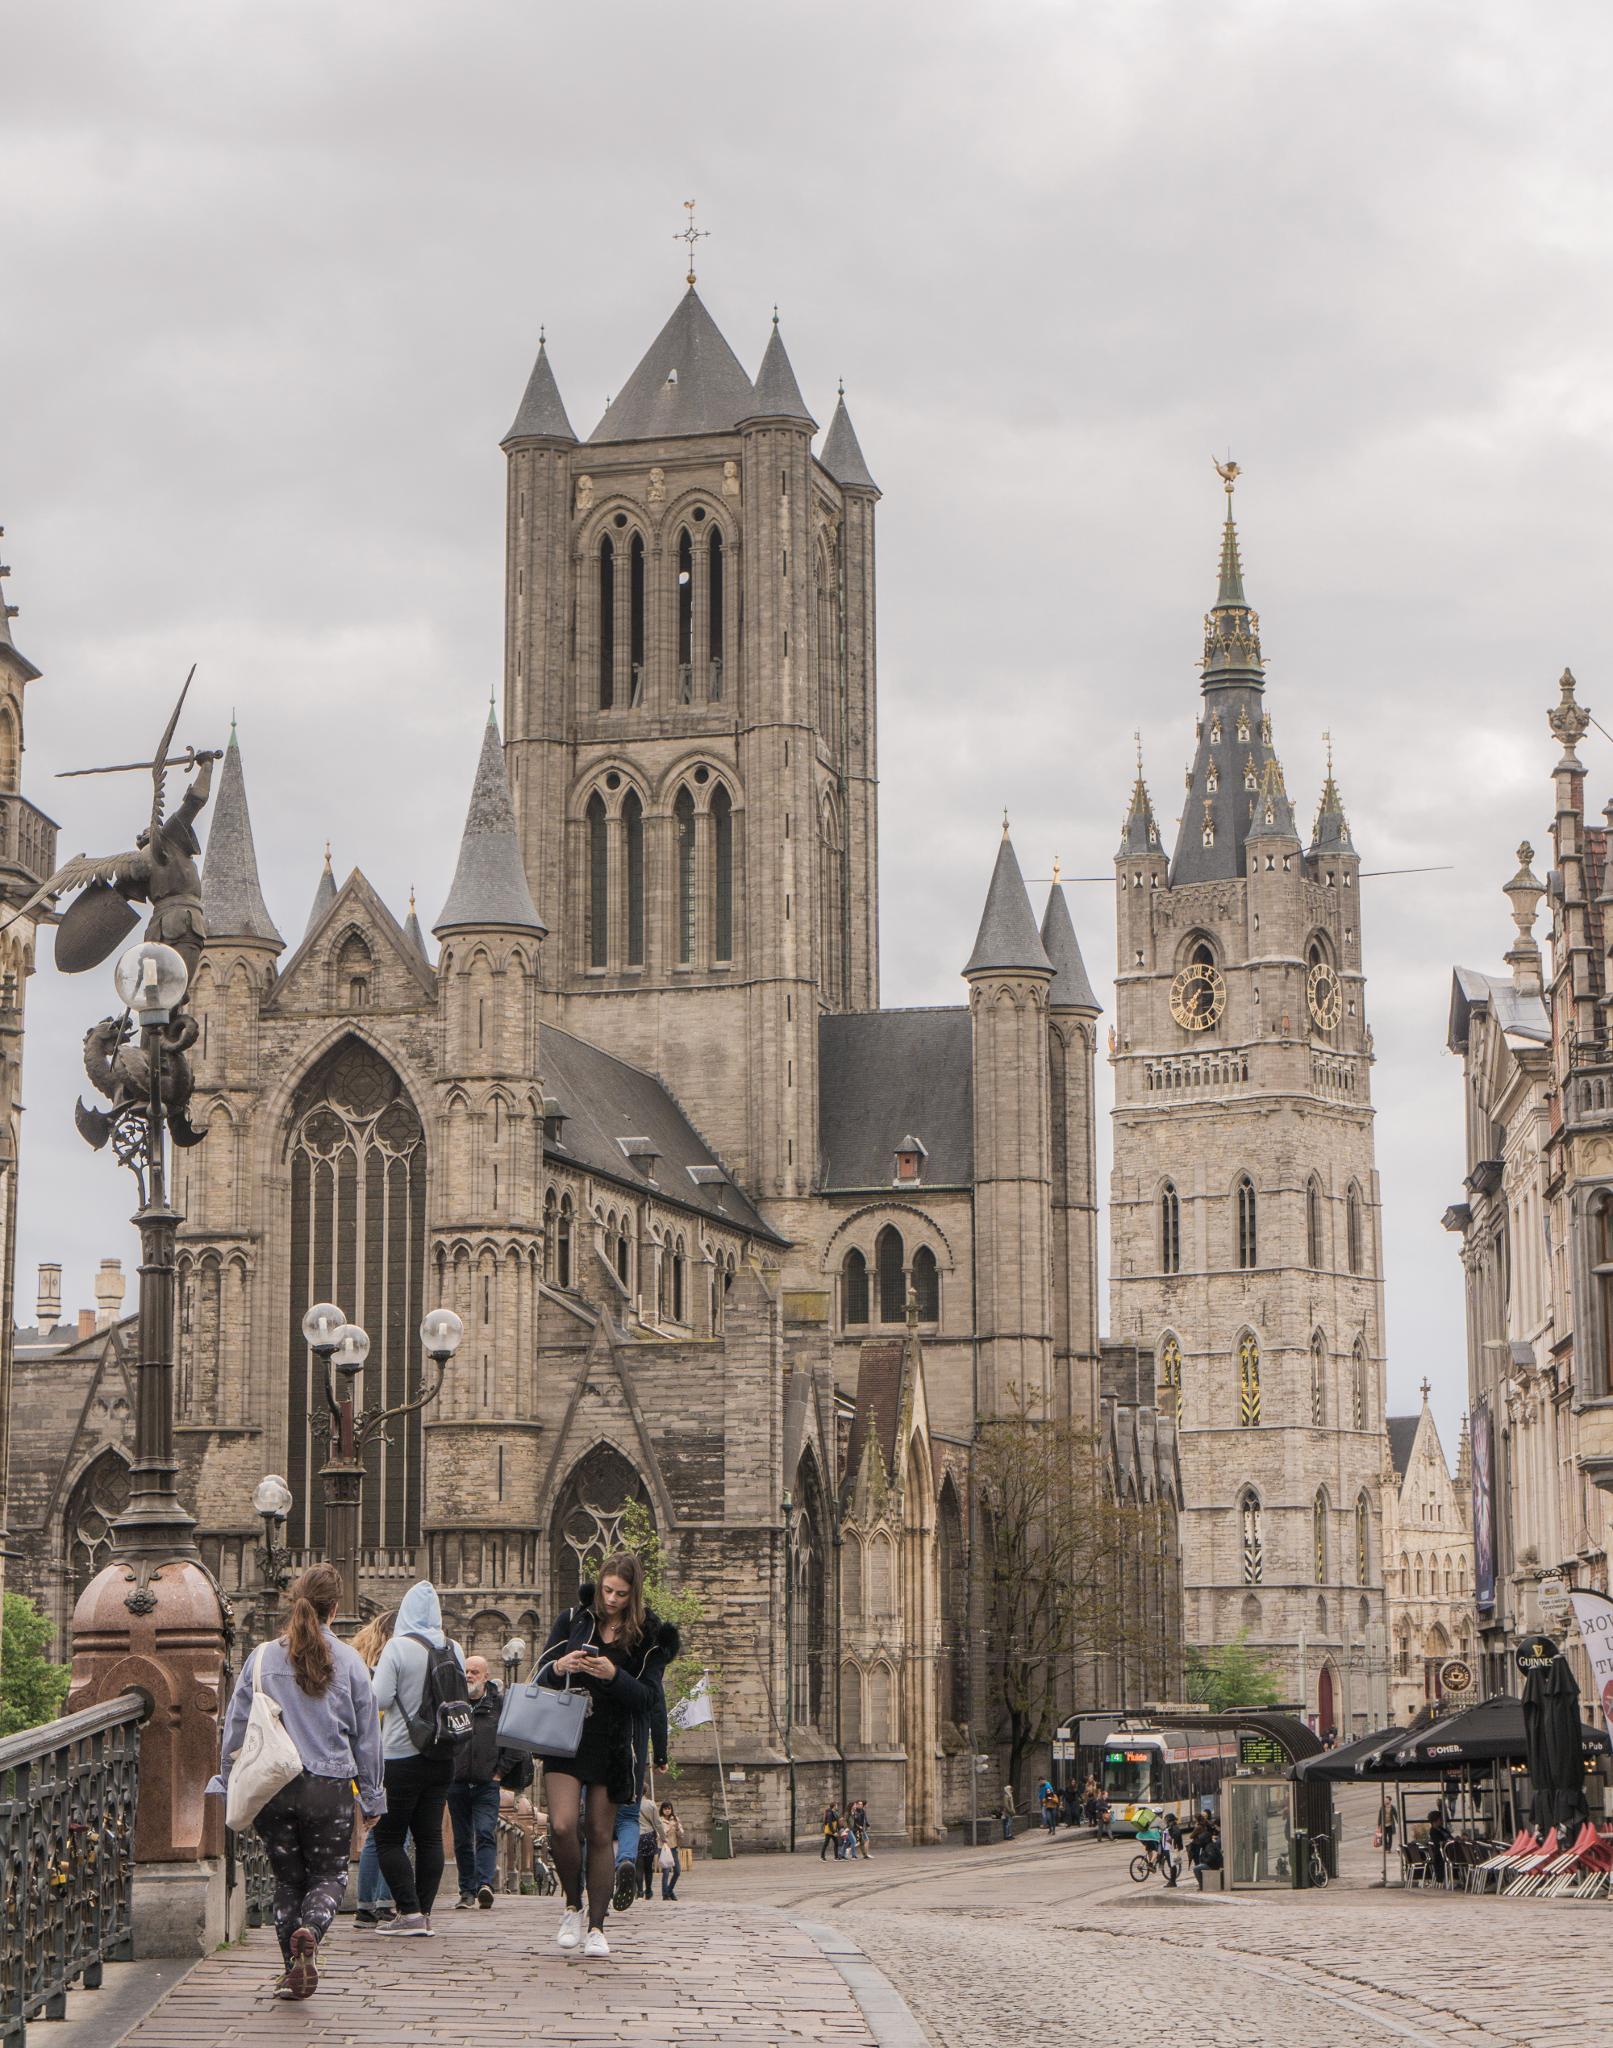 【比利時】穿梭中世紀的大城小事 — 比利時根特 (Ghent) 散步景點總整理 98